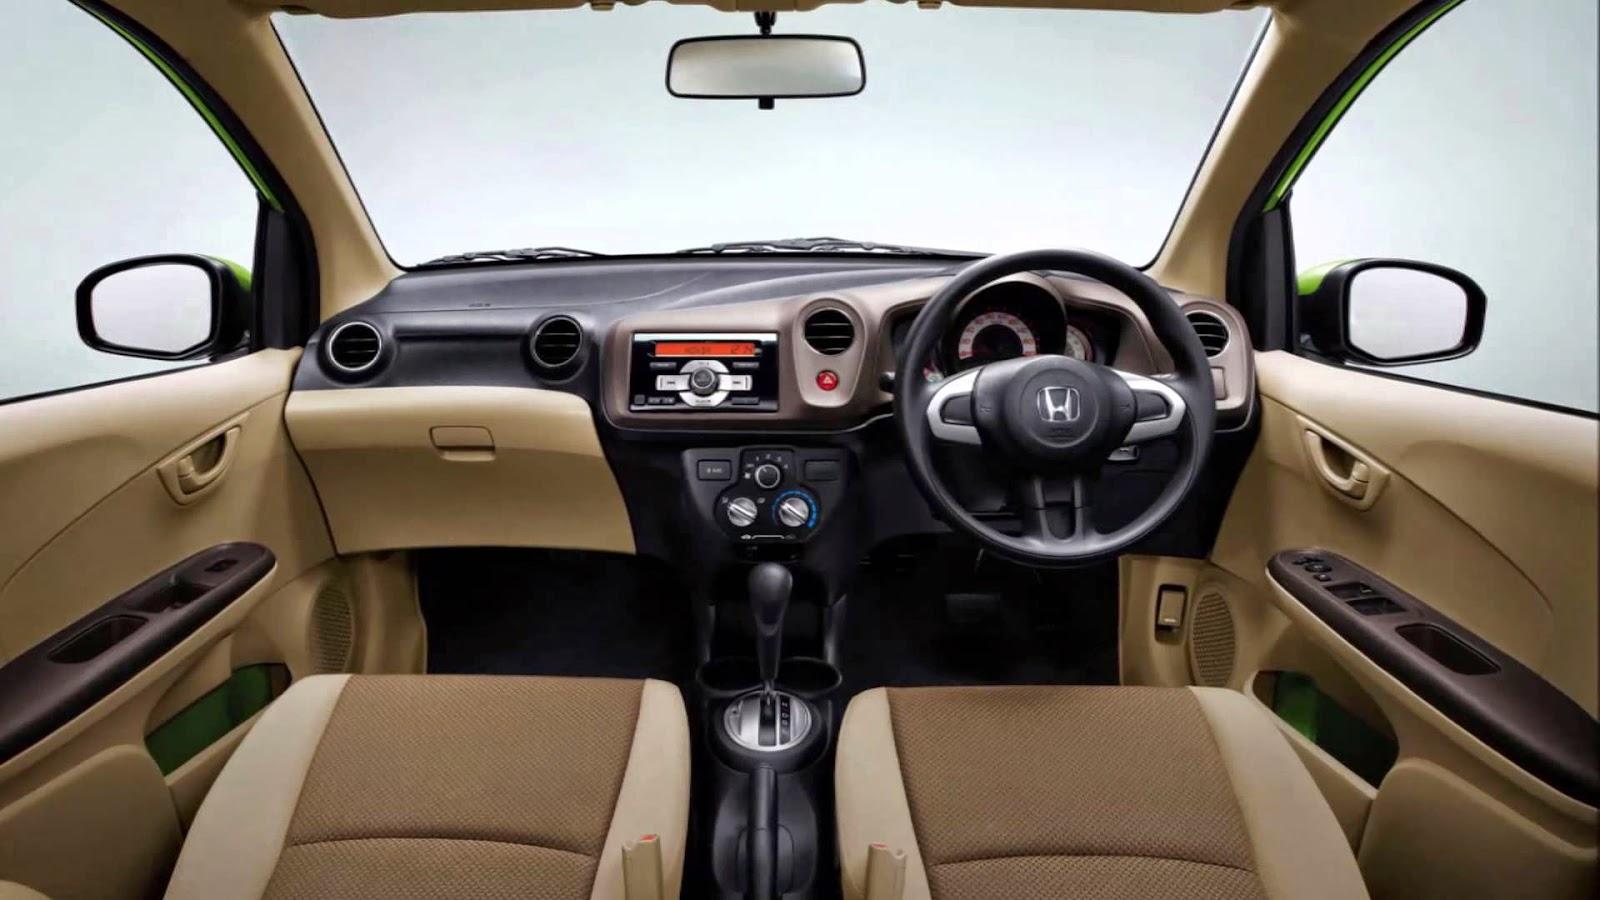 Honda Mobilio Interior Image